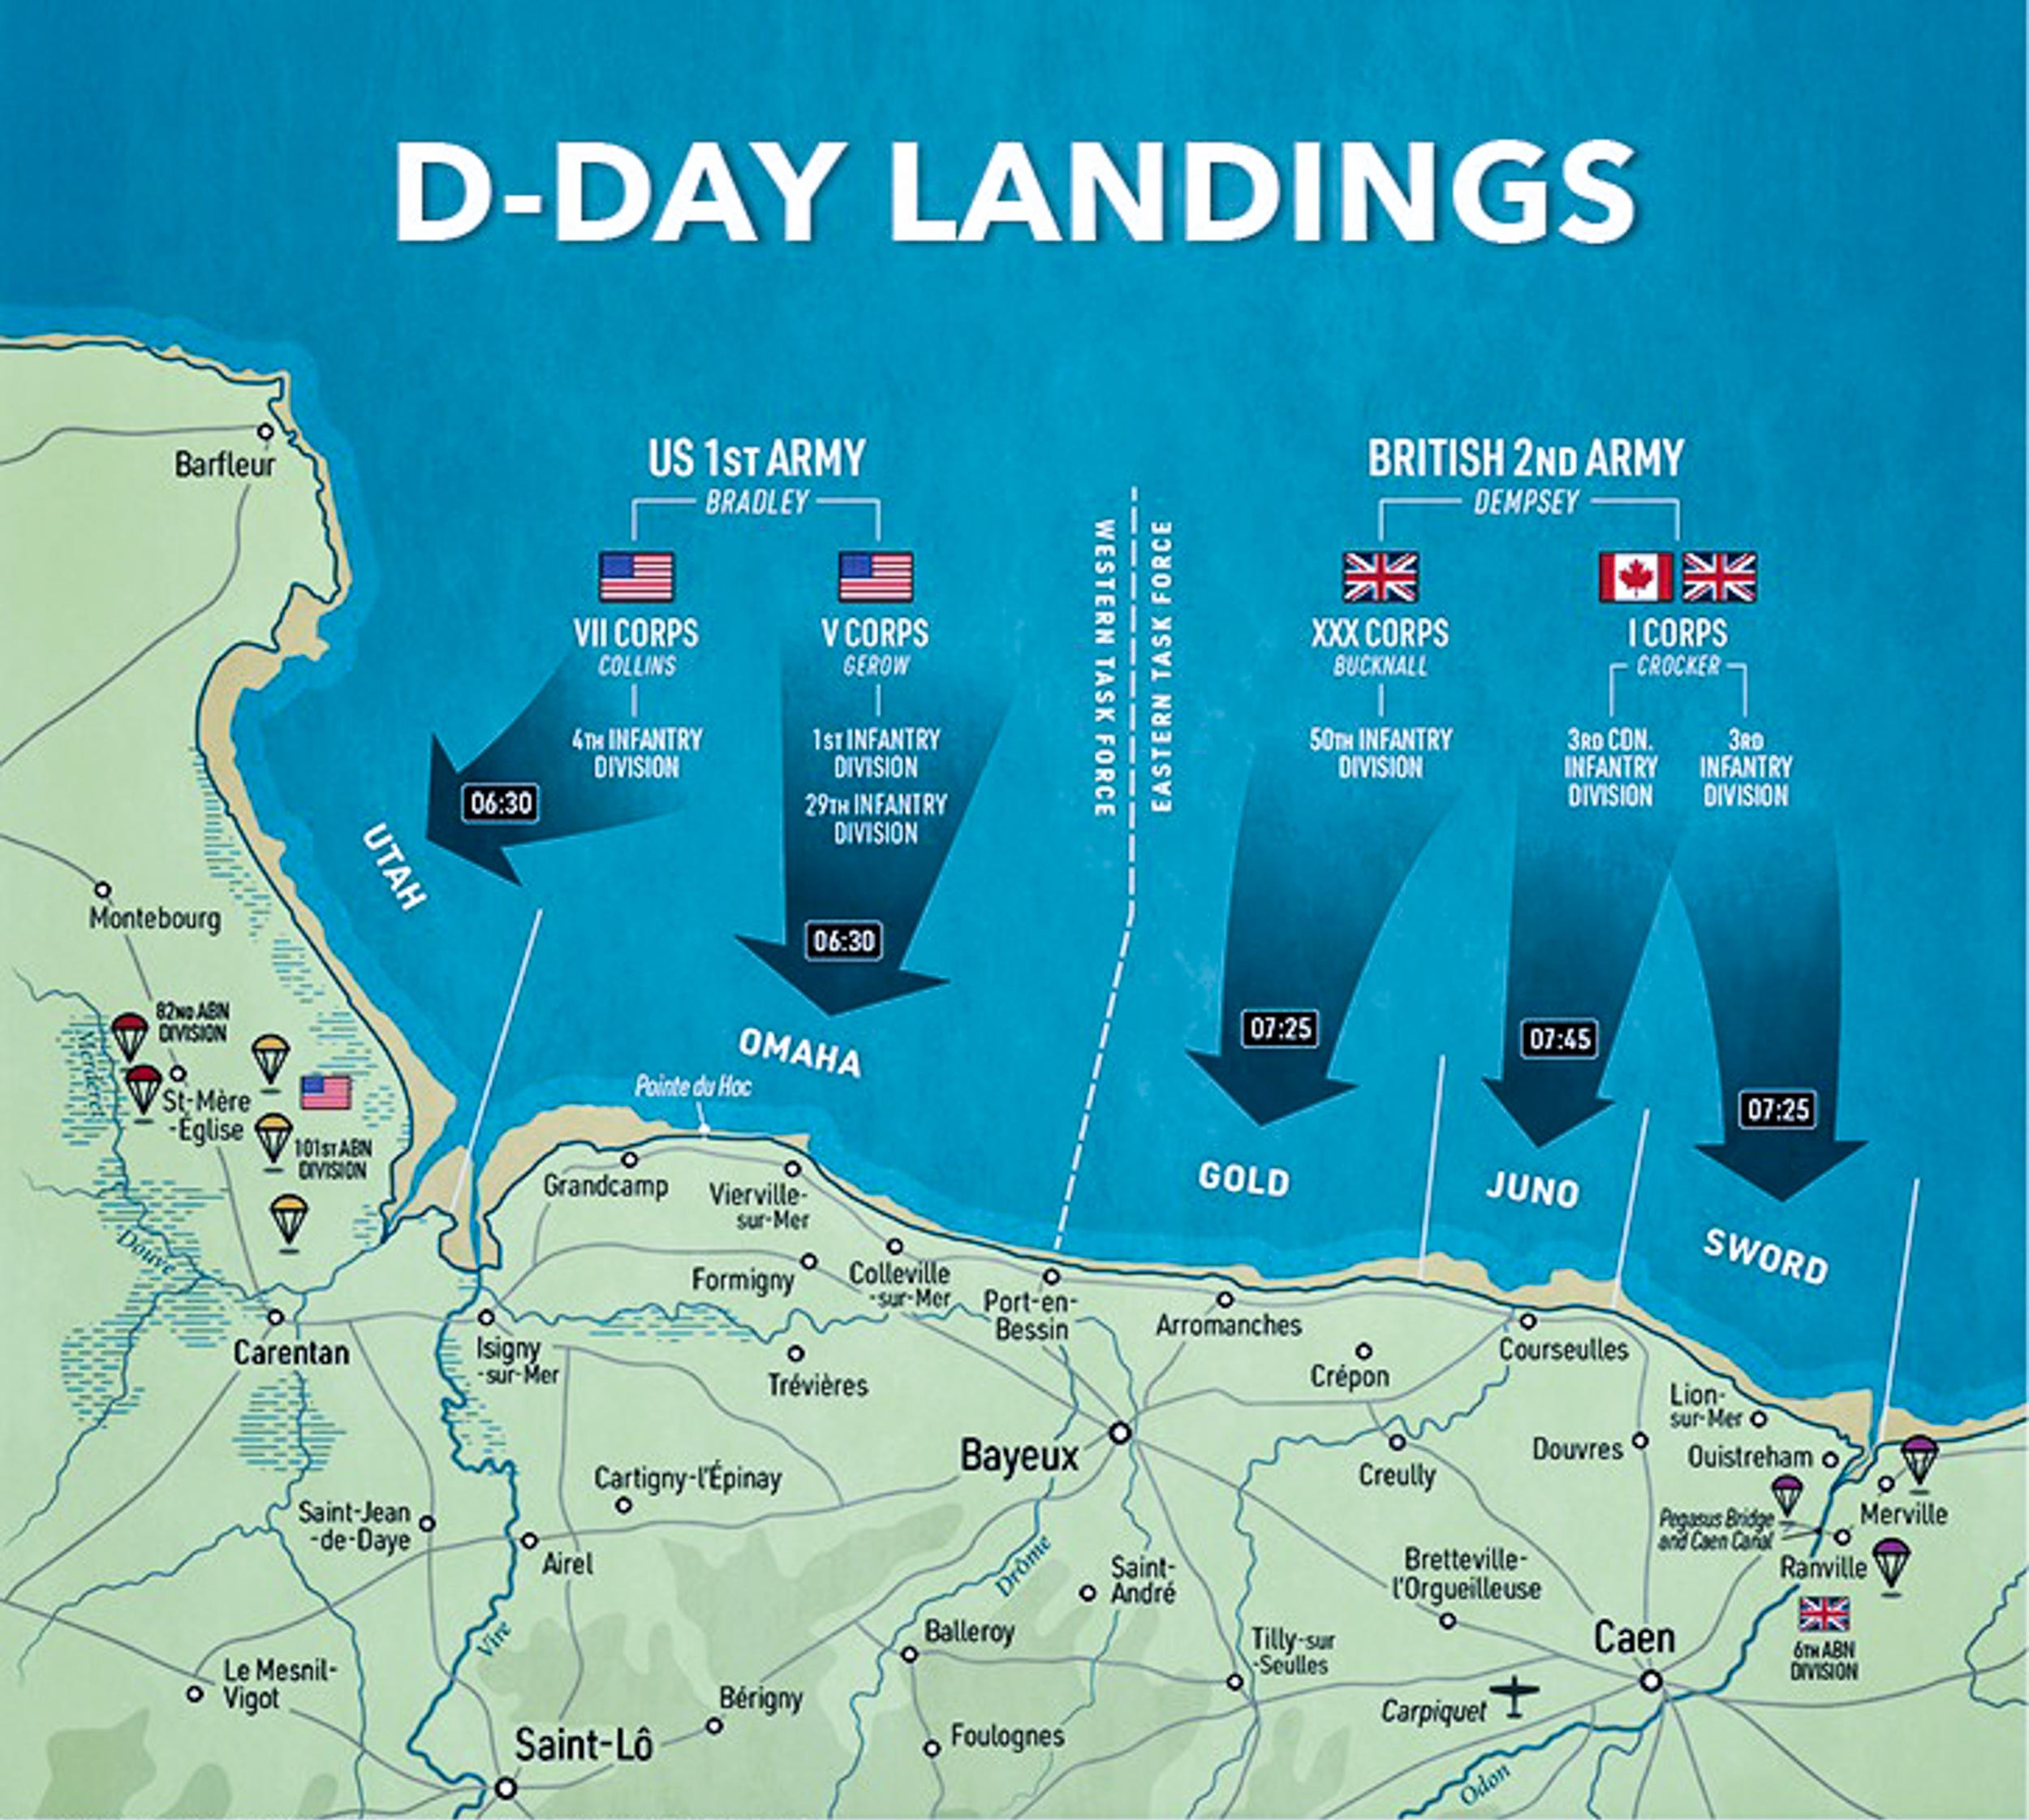 D-Day-landing-beaches-map